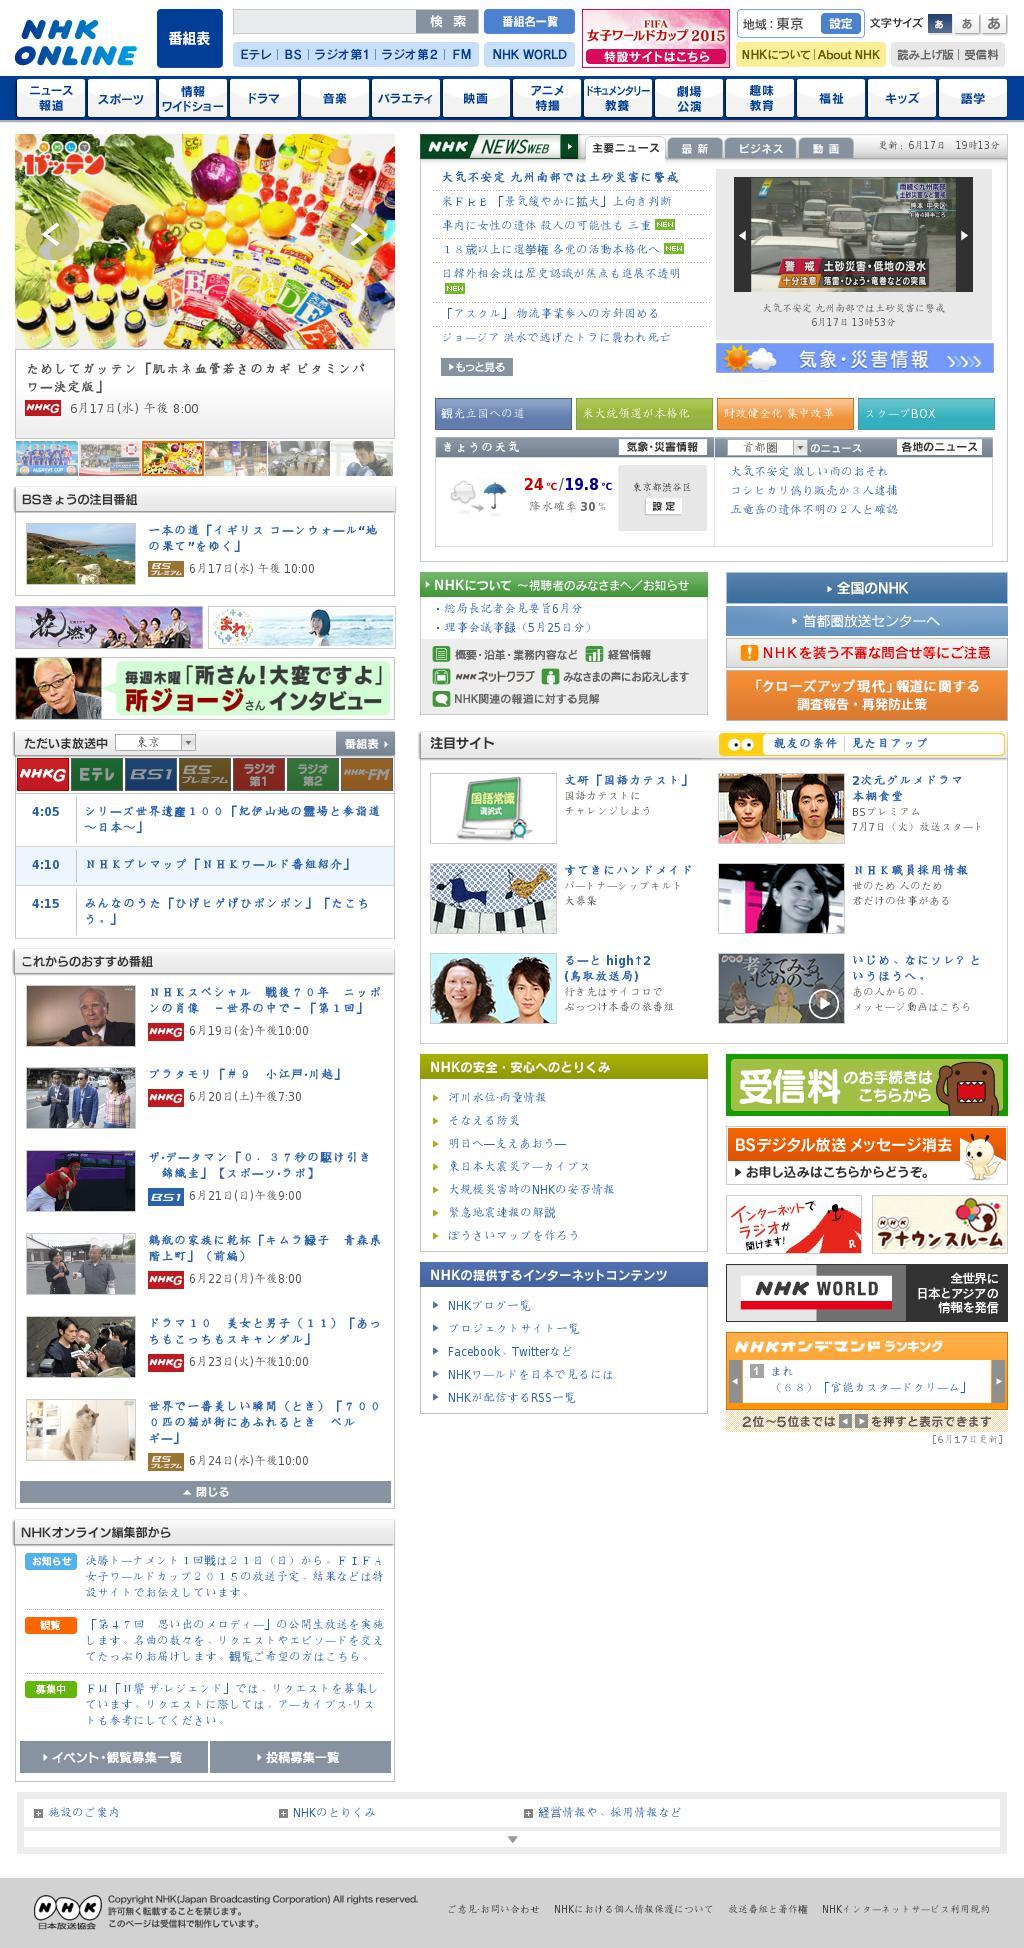 NHK Online at Wednesday June 17, 2015, 7:16 p.m. UTC